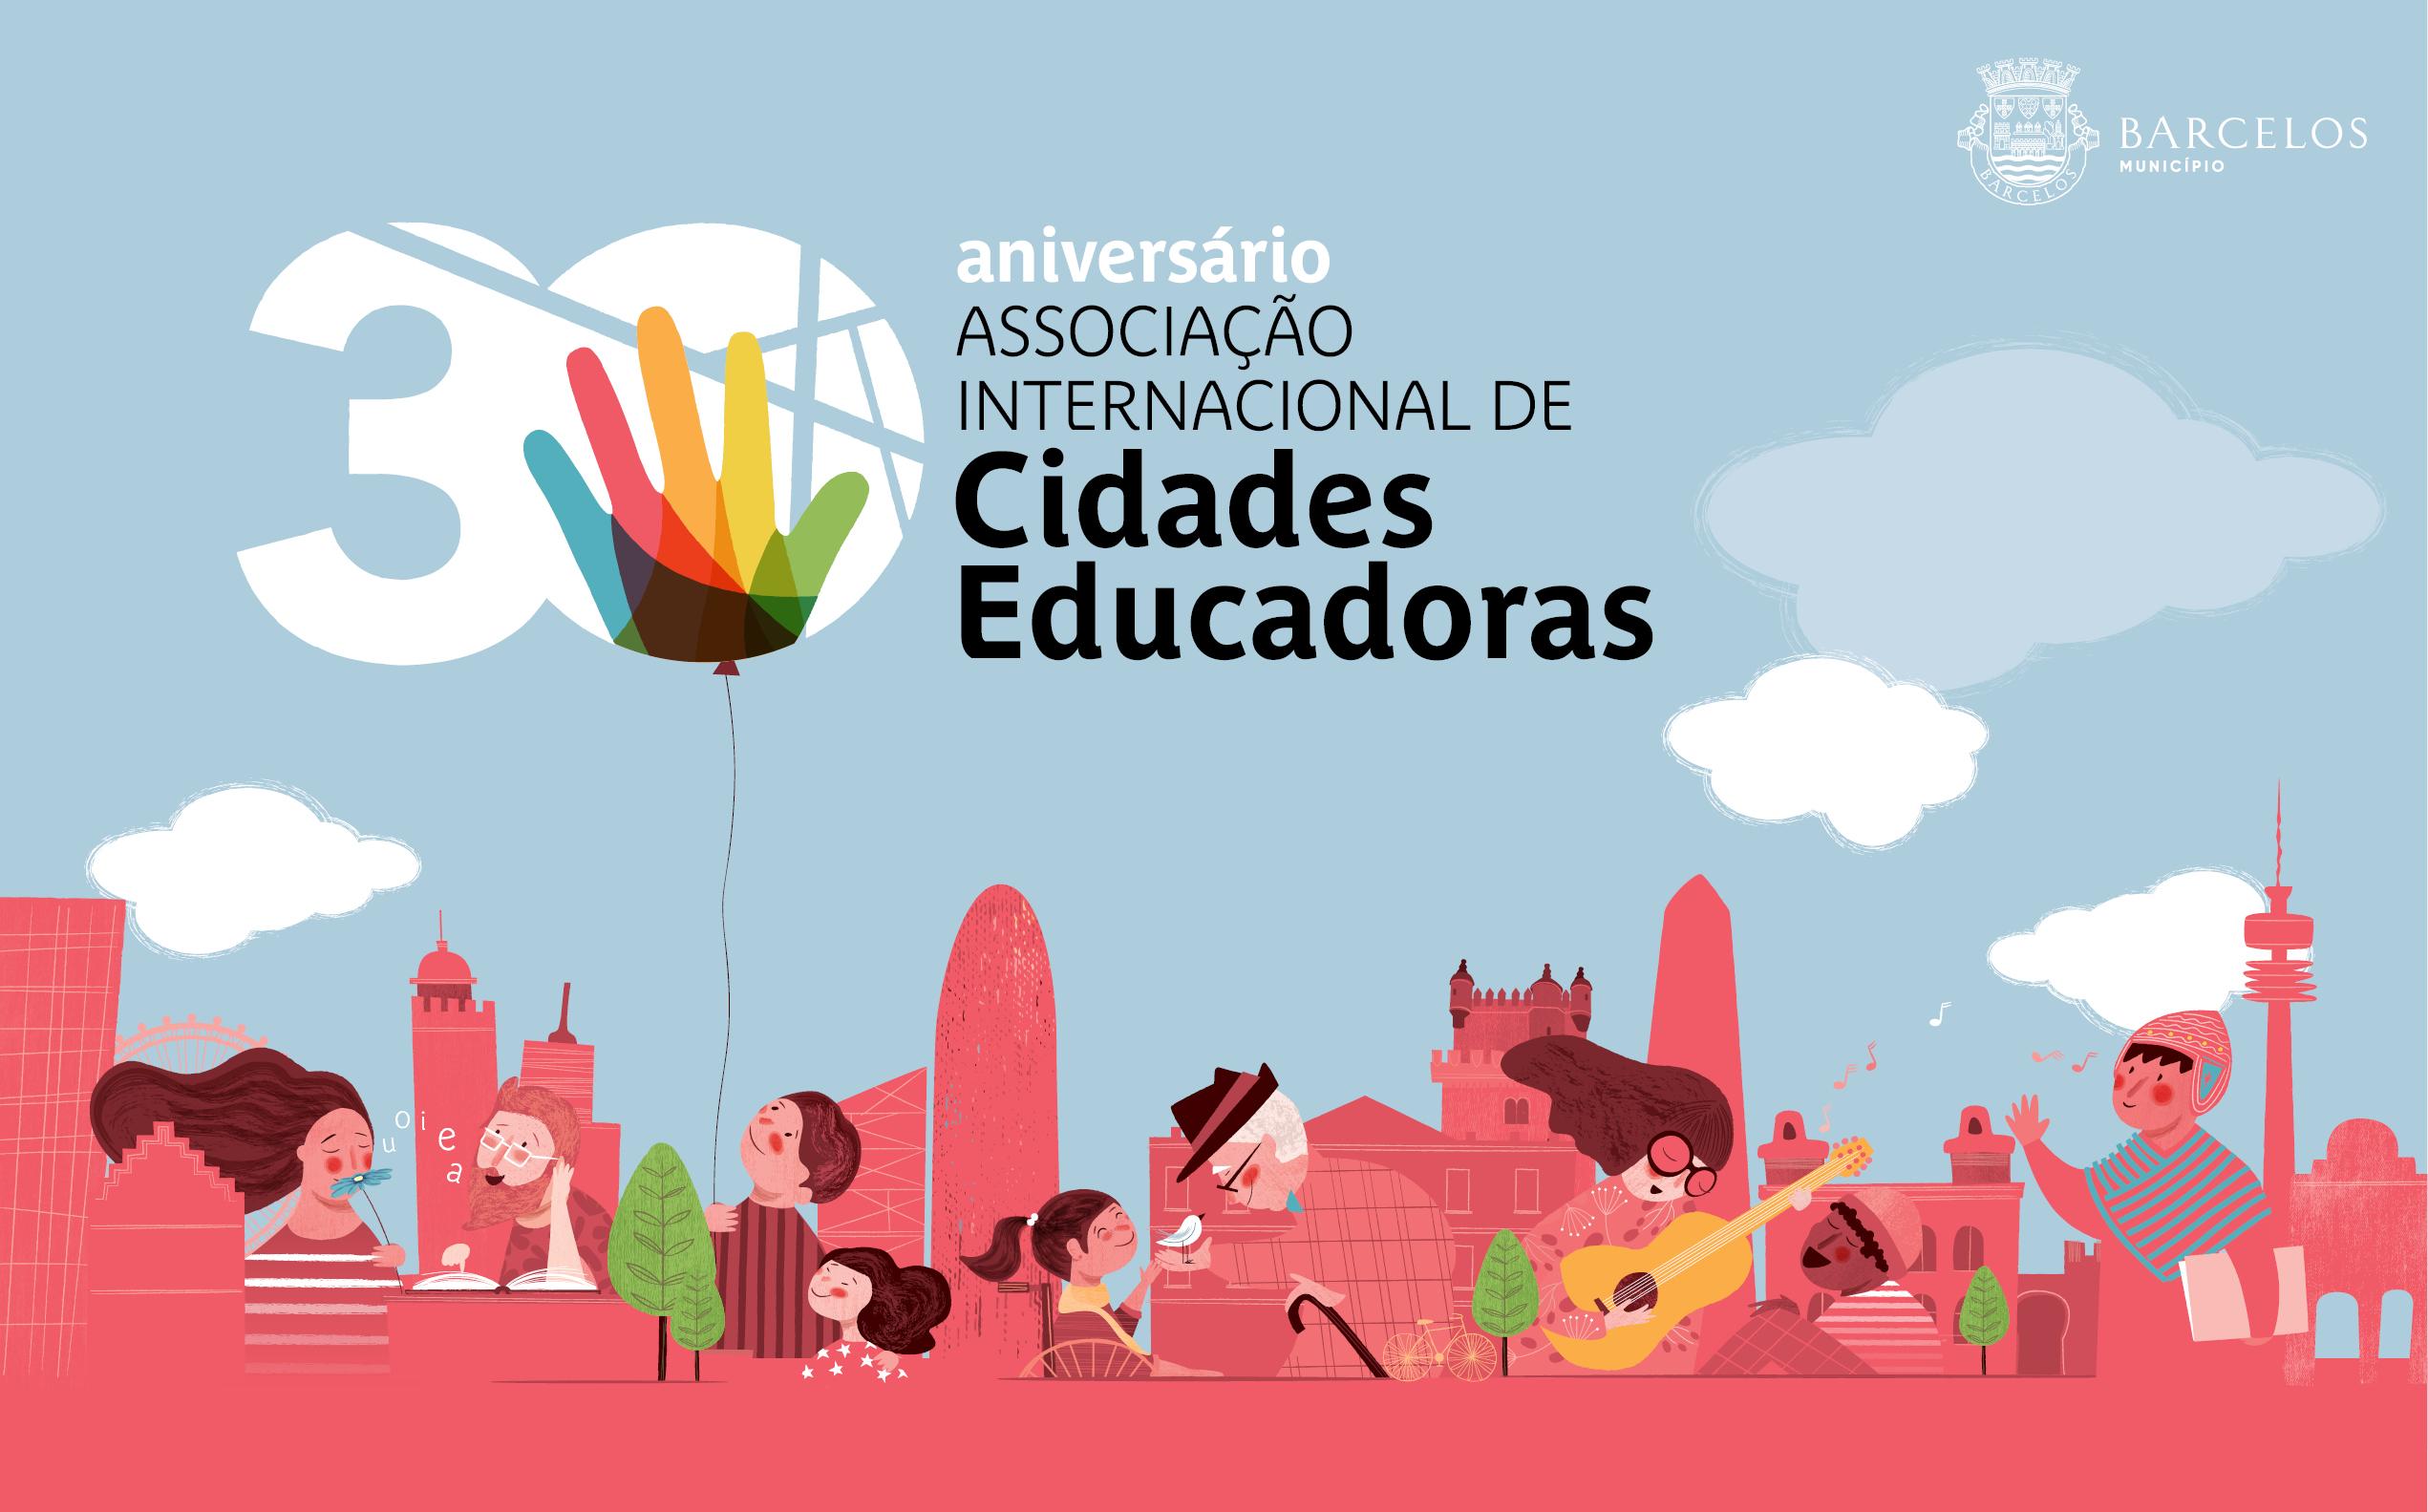 Barcelos celebra Dia Internacional da Cidade Educadora